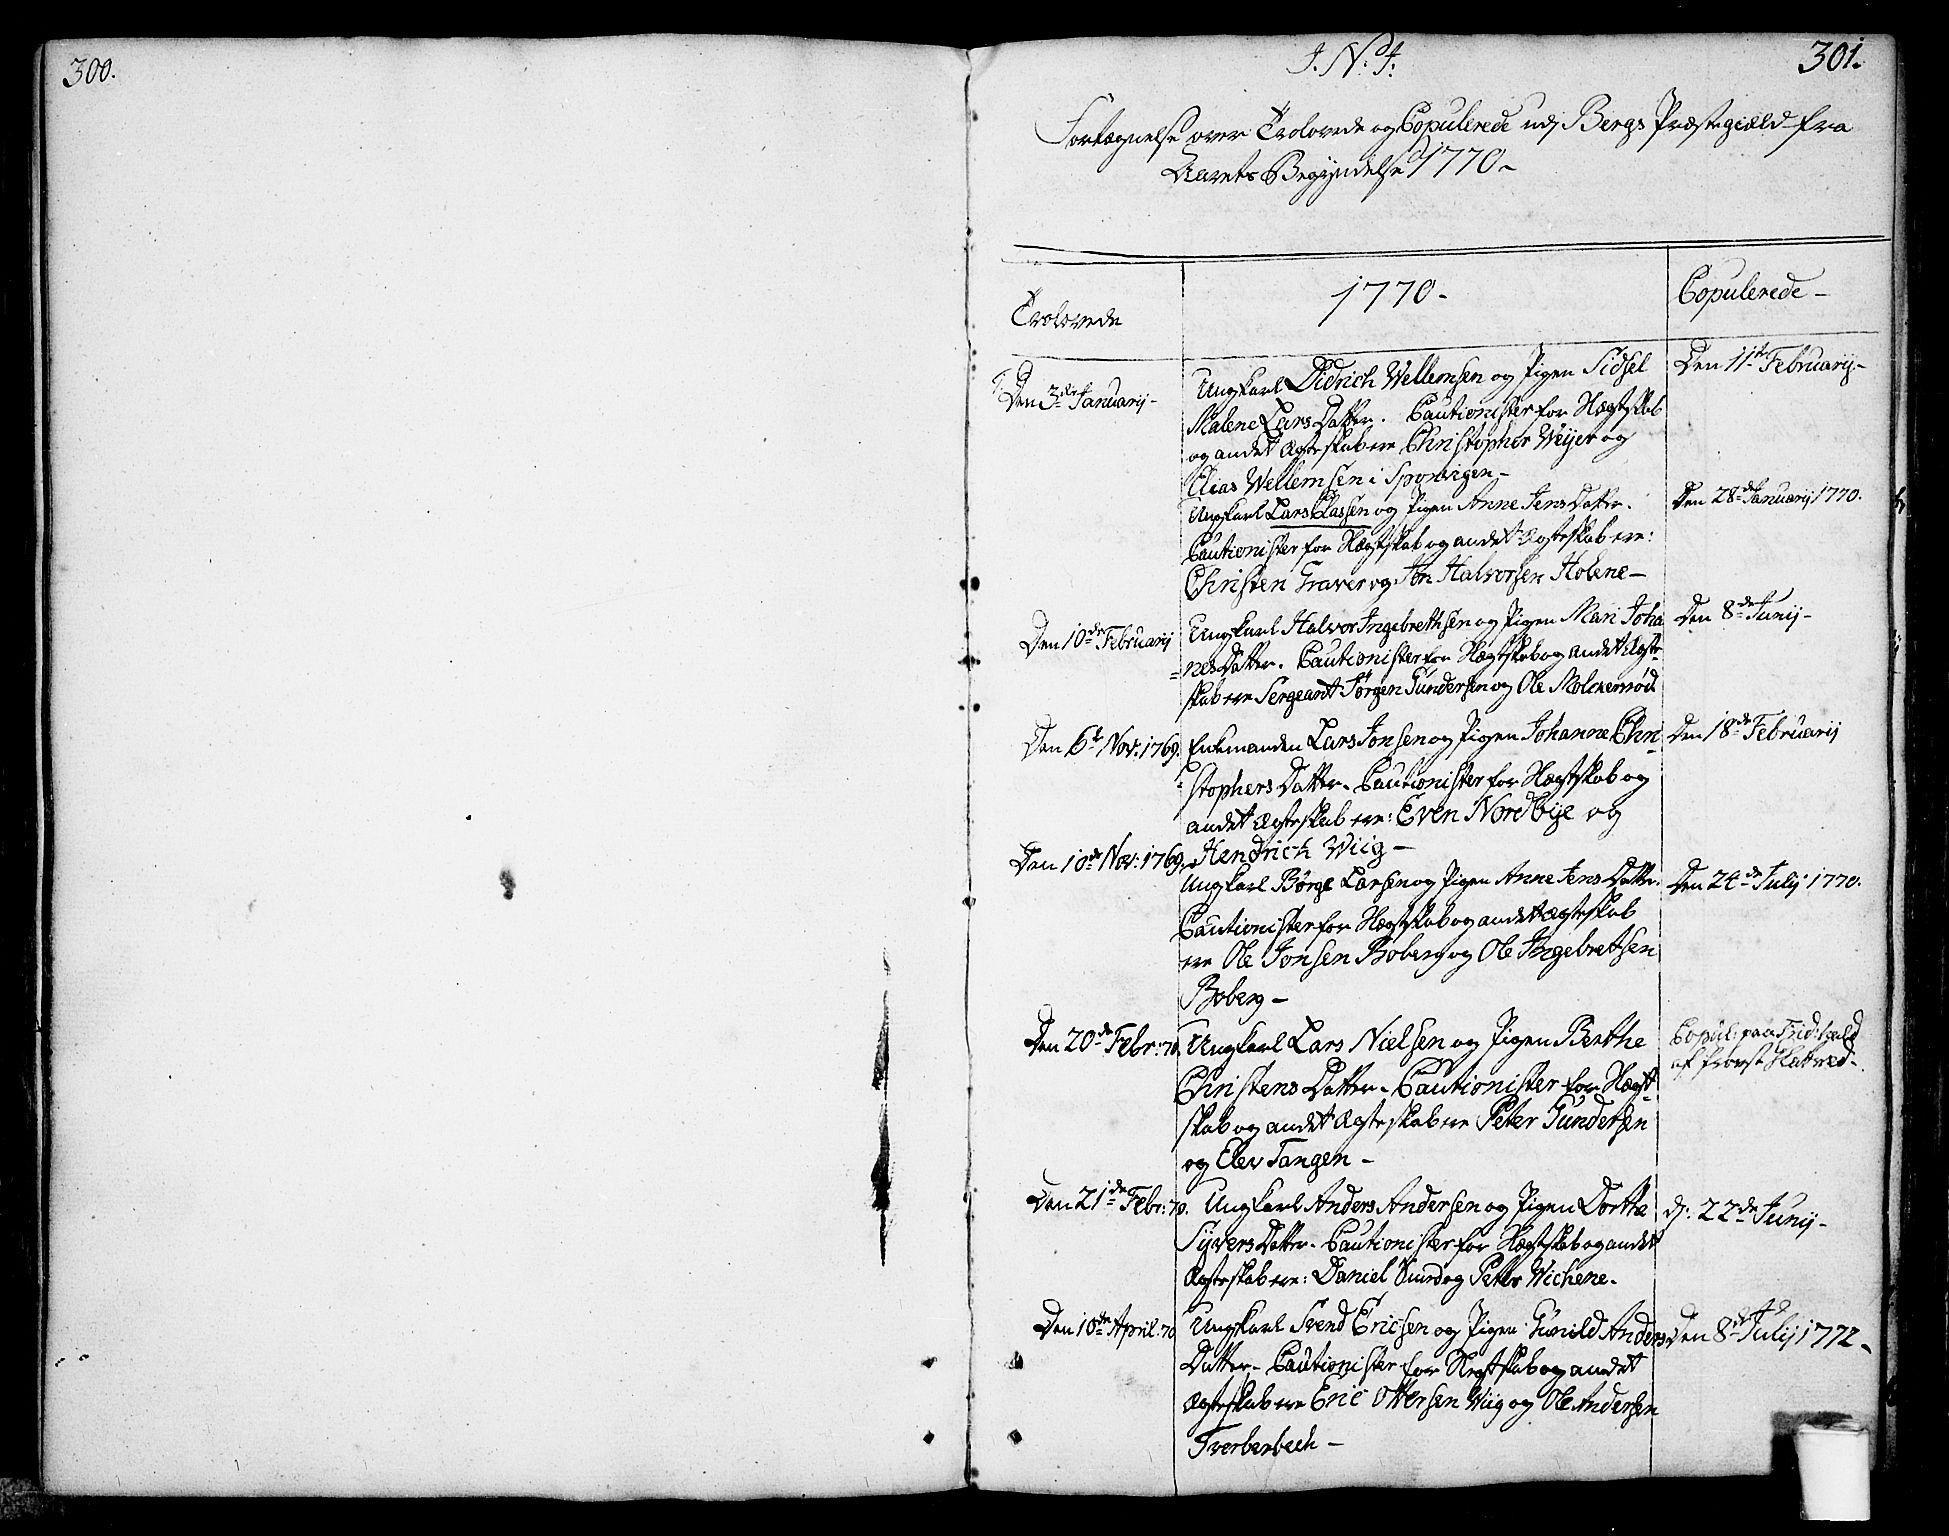 SAO, Berg prestekontor Kirkebøker, F/Fa/L0001: Ministerialbok nr. I 1, 1770-1814, s. 300-301